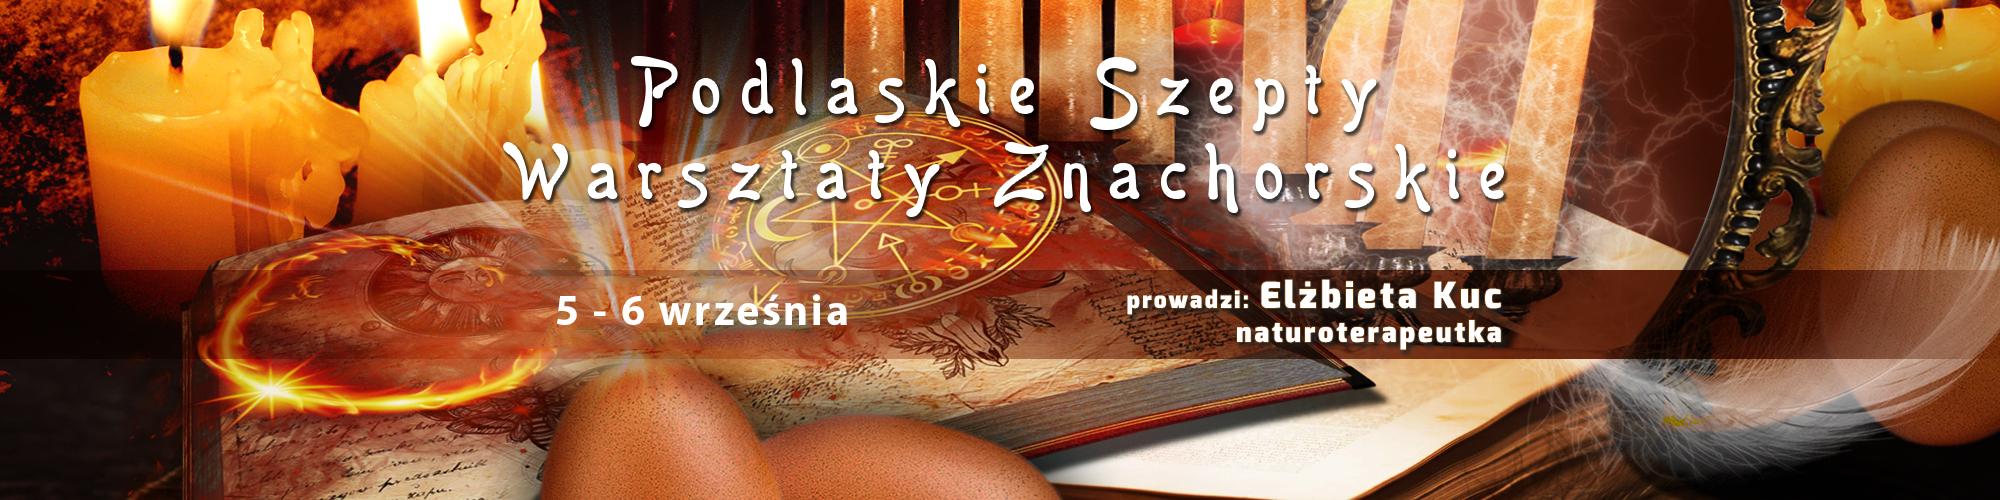 podlasie1-banner